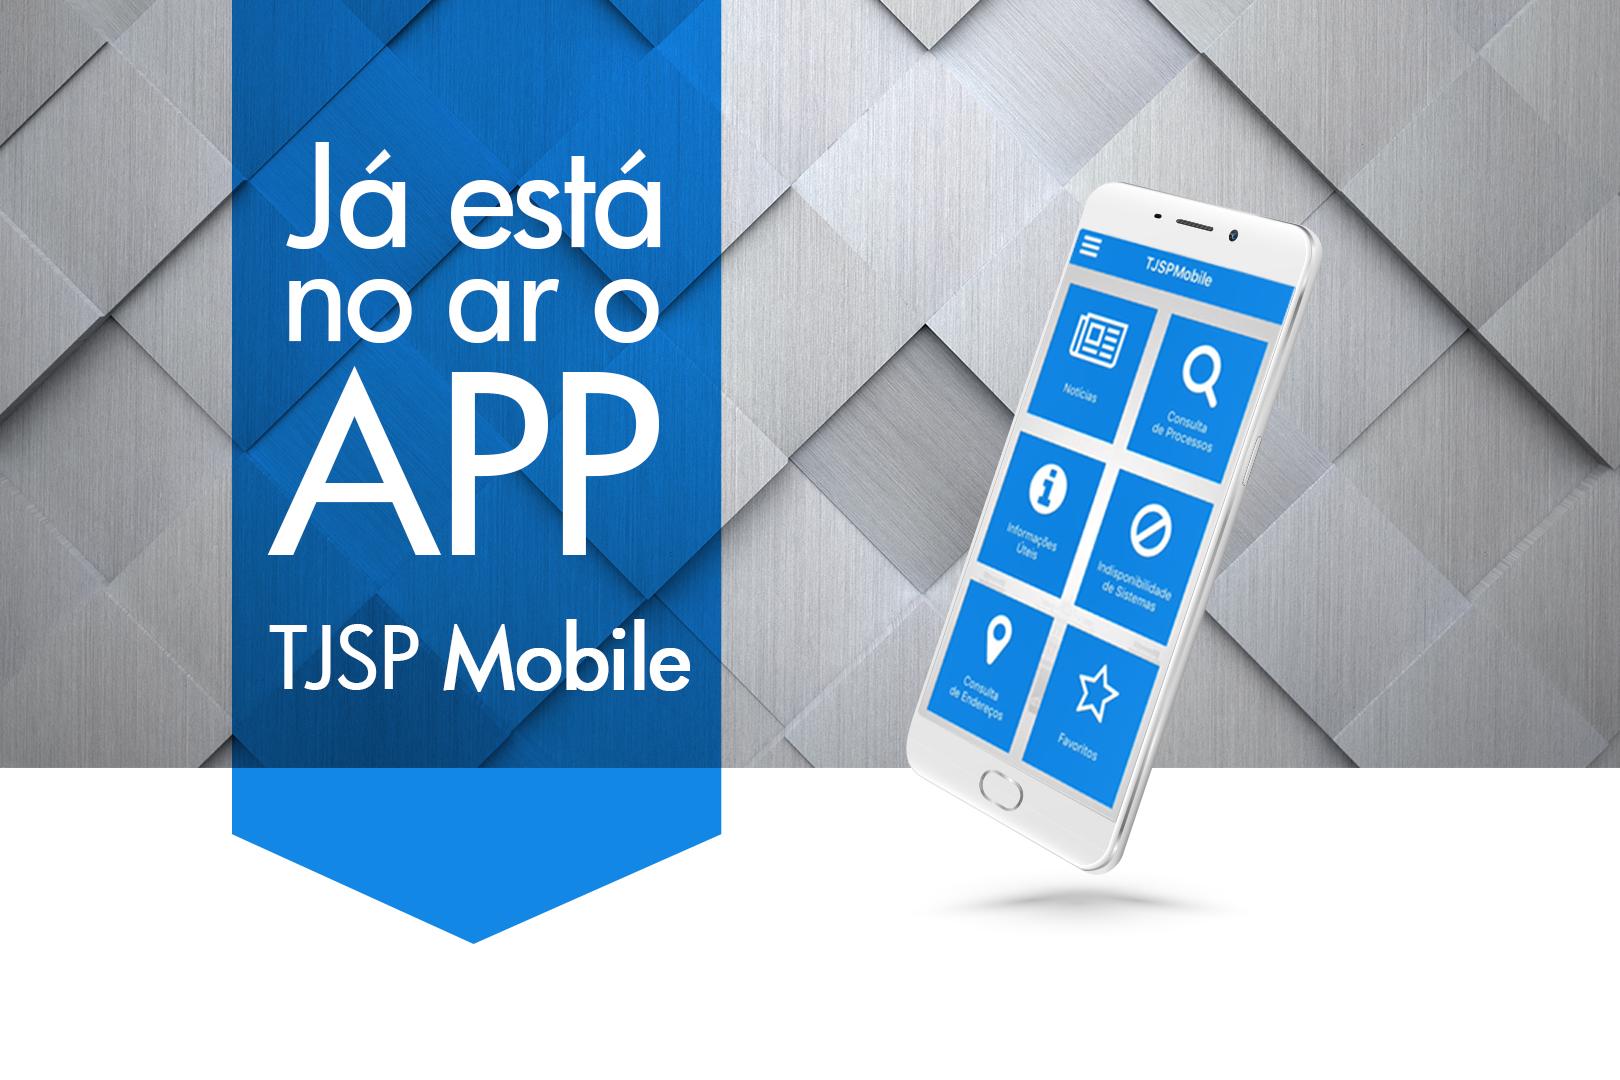 Conheça o aplicativo TJSP Mobile